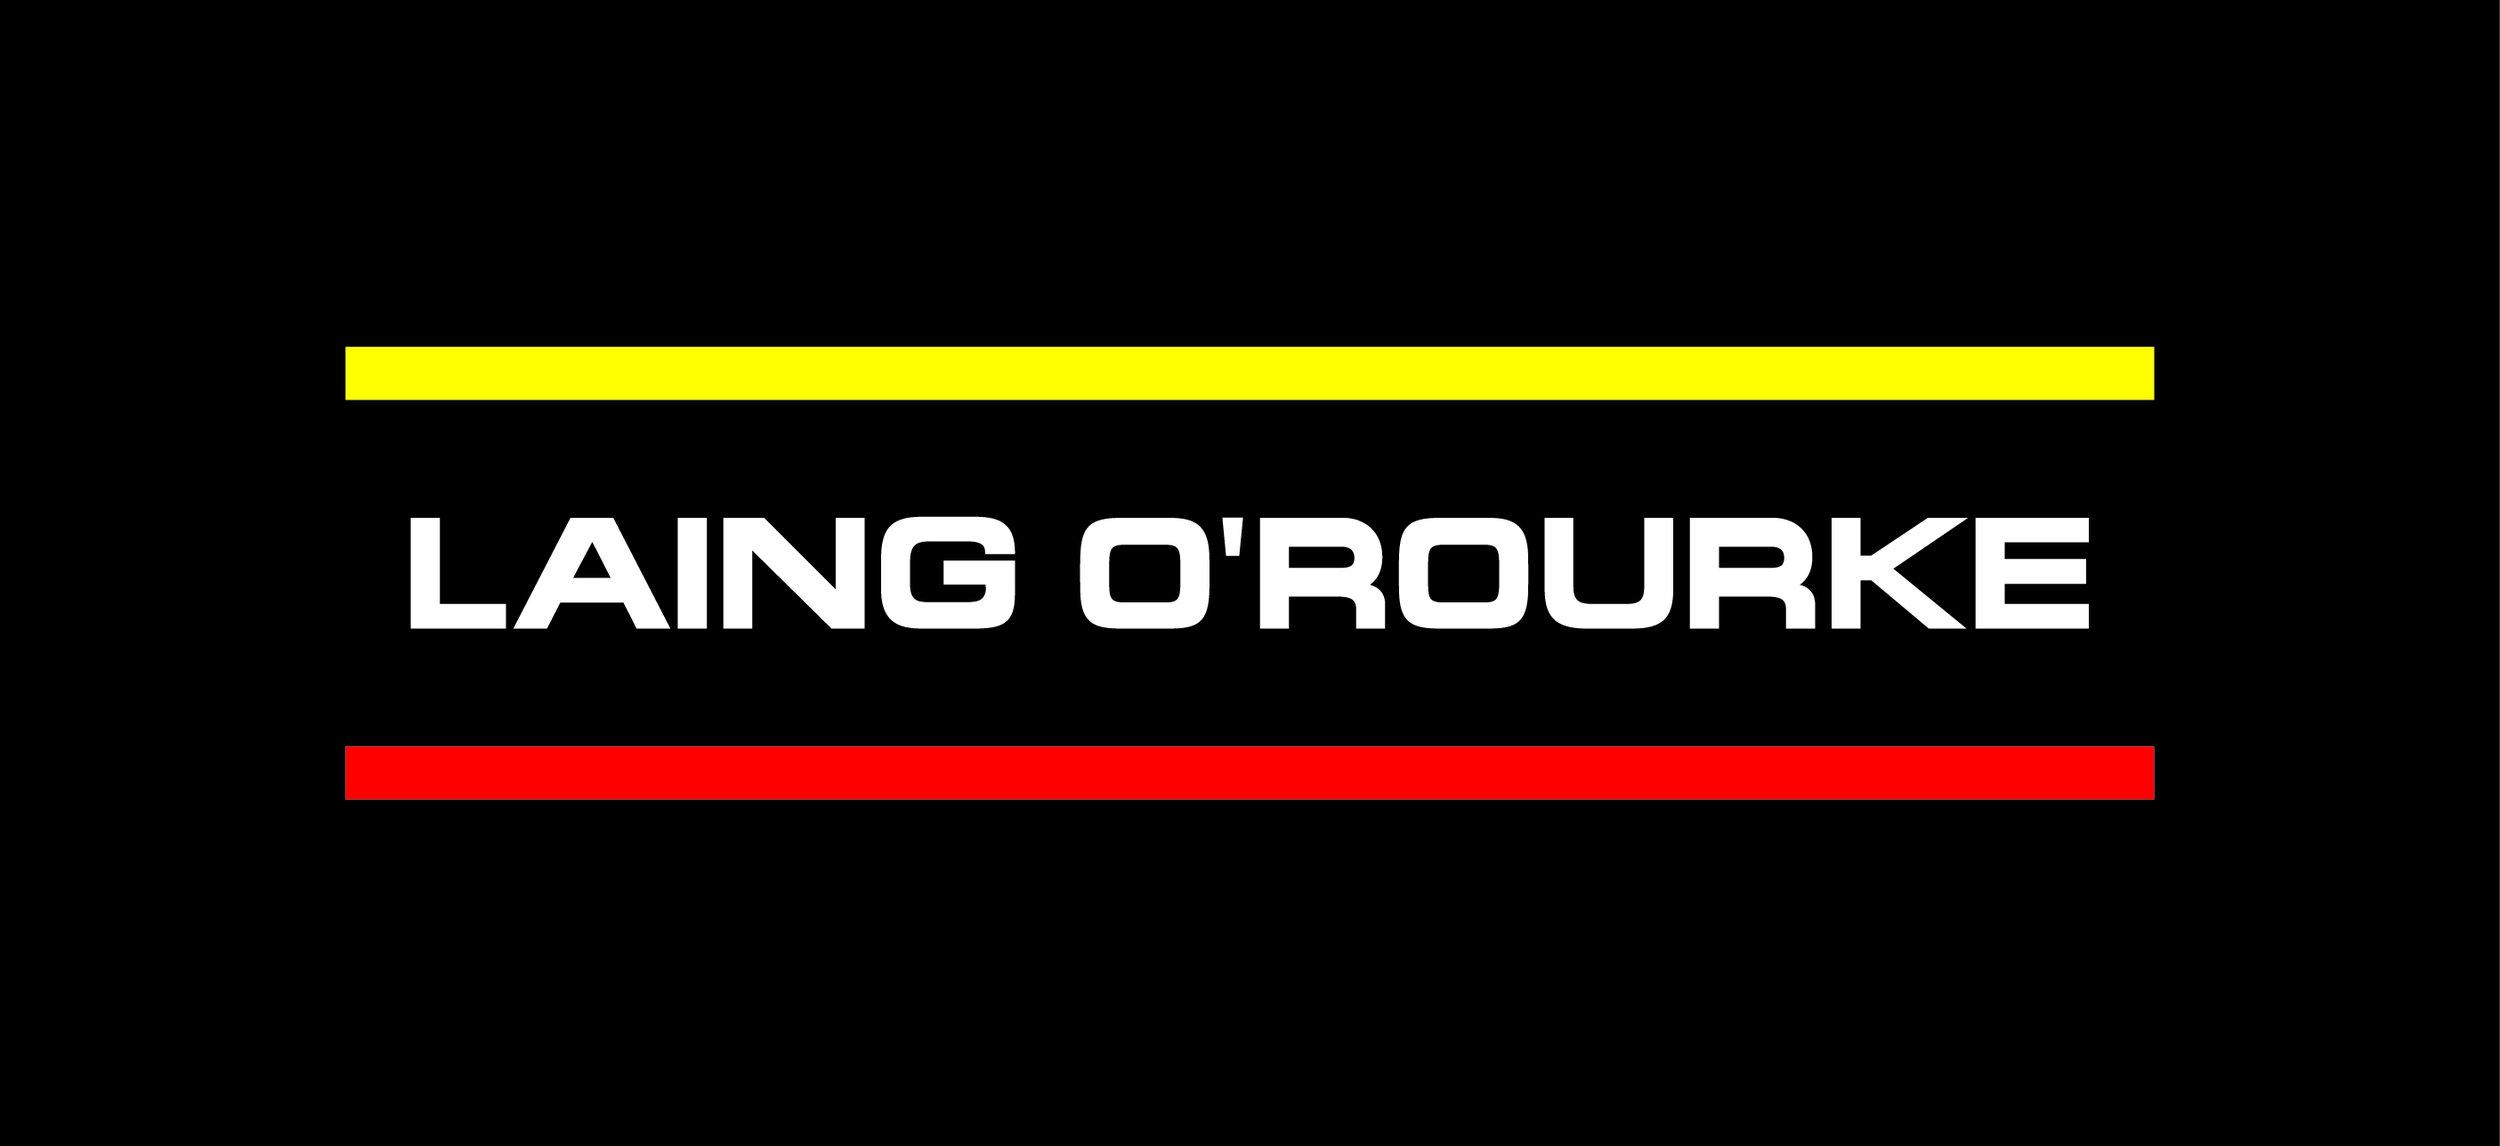 Laing O'Rourke.jpg